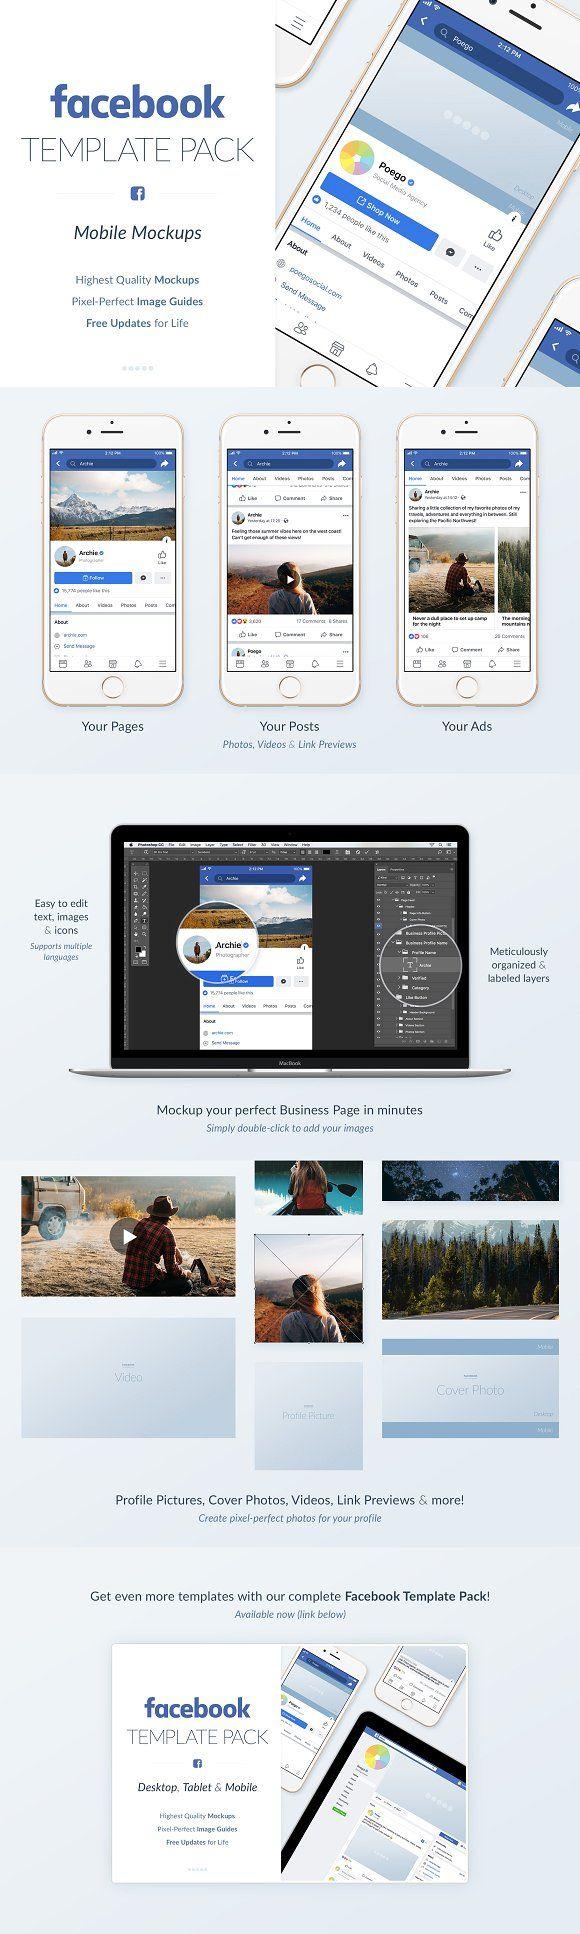 Facebook Mobile Mockups Pack Mobile Mockup Social Media Template Facebook Mockup